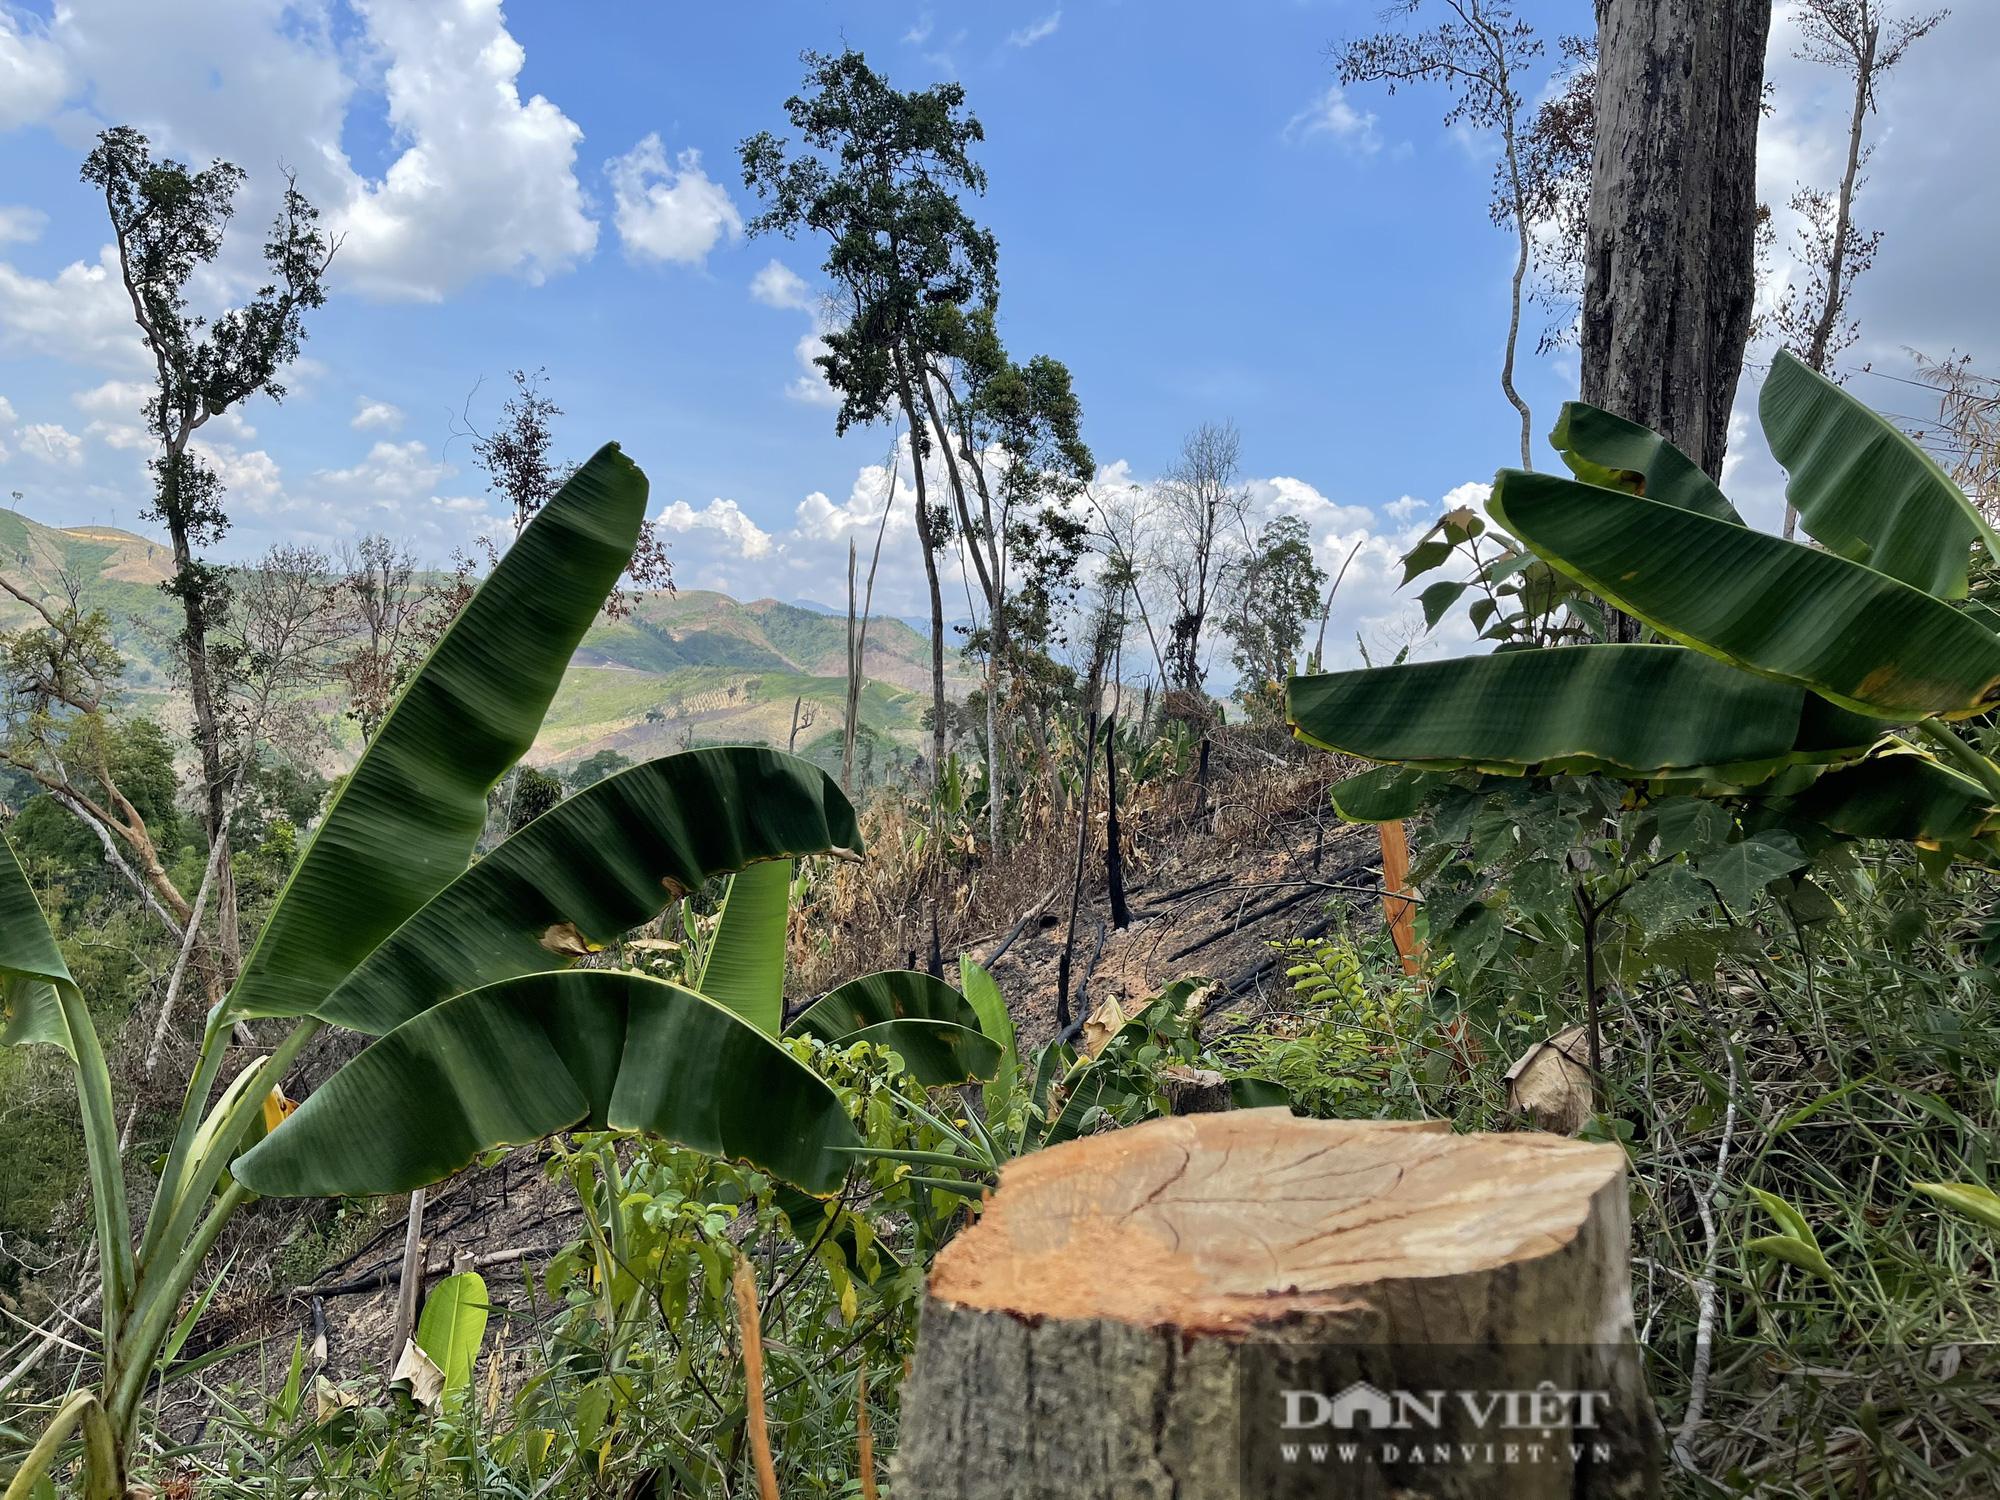 Công ty lâm nghiệp Krông Bông (Đắk Lắk): Rừng bị phá tan hoang, lãnh đạo mất đoàn kết  - Ảnh 11.